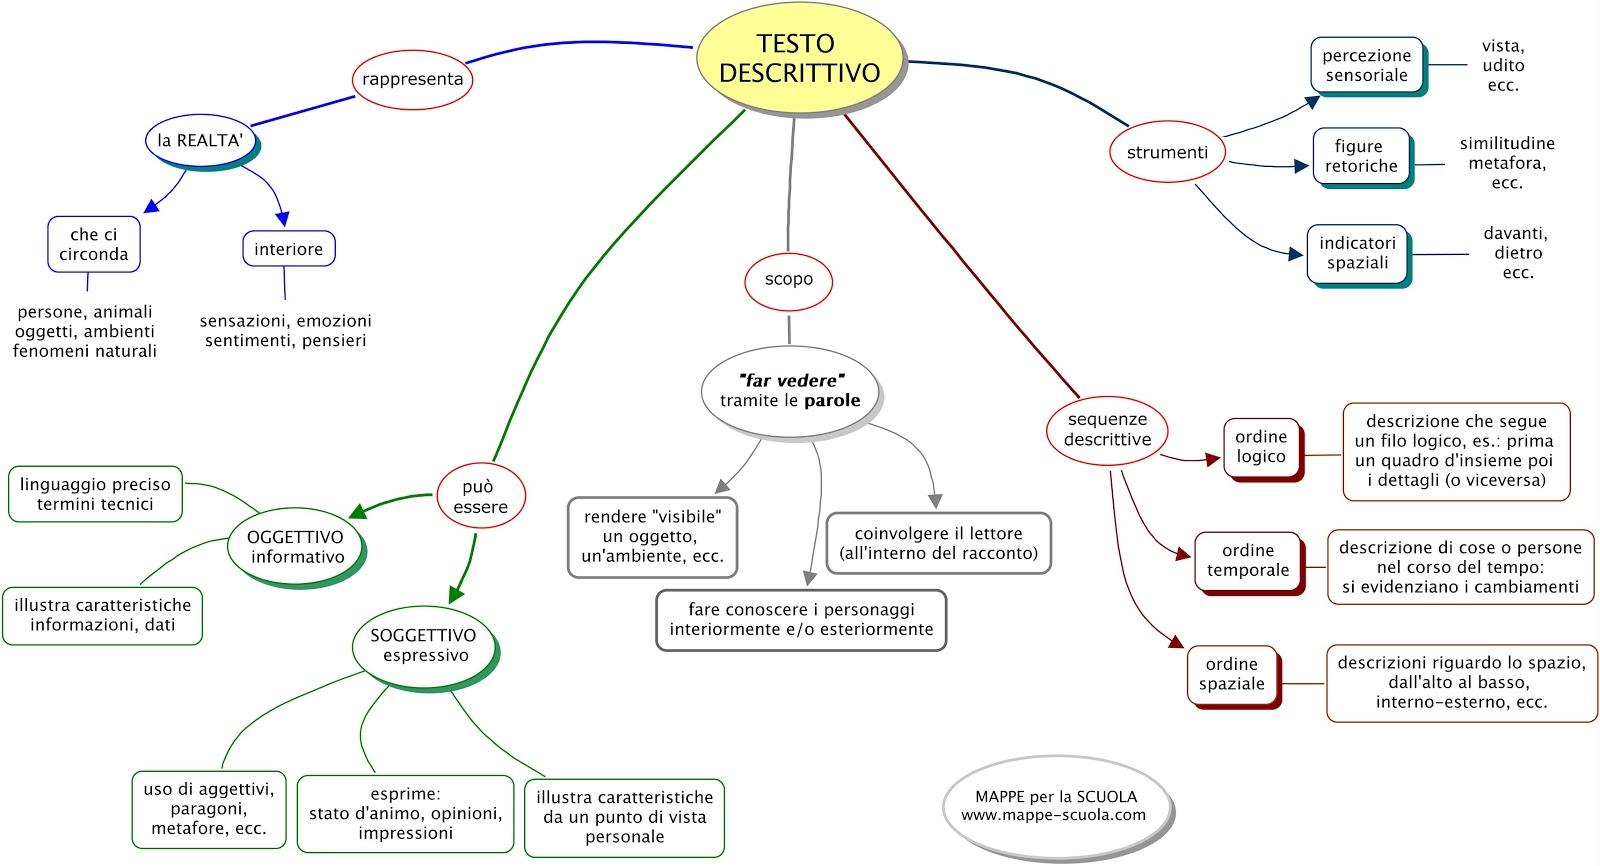 Mappa concettuale testo descrittivo materiale per scuola - Testo per sempre gemelli diversi ...